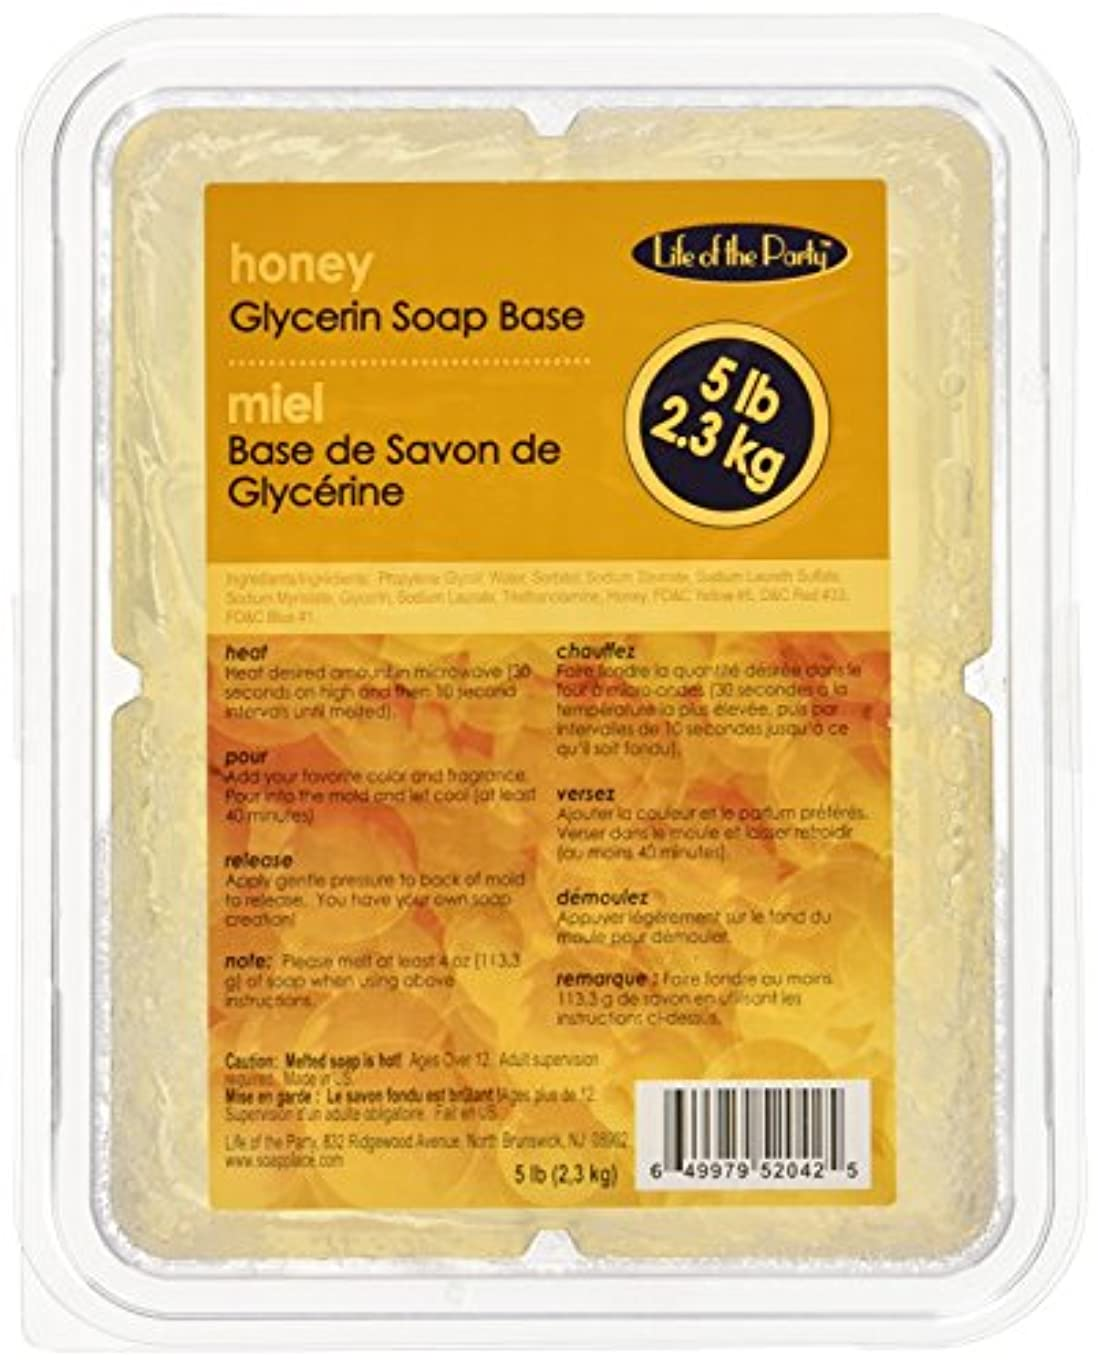 評価するエクスタシー最大Soap ベース 5 ポンド蜂蜜